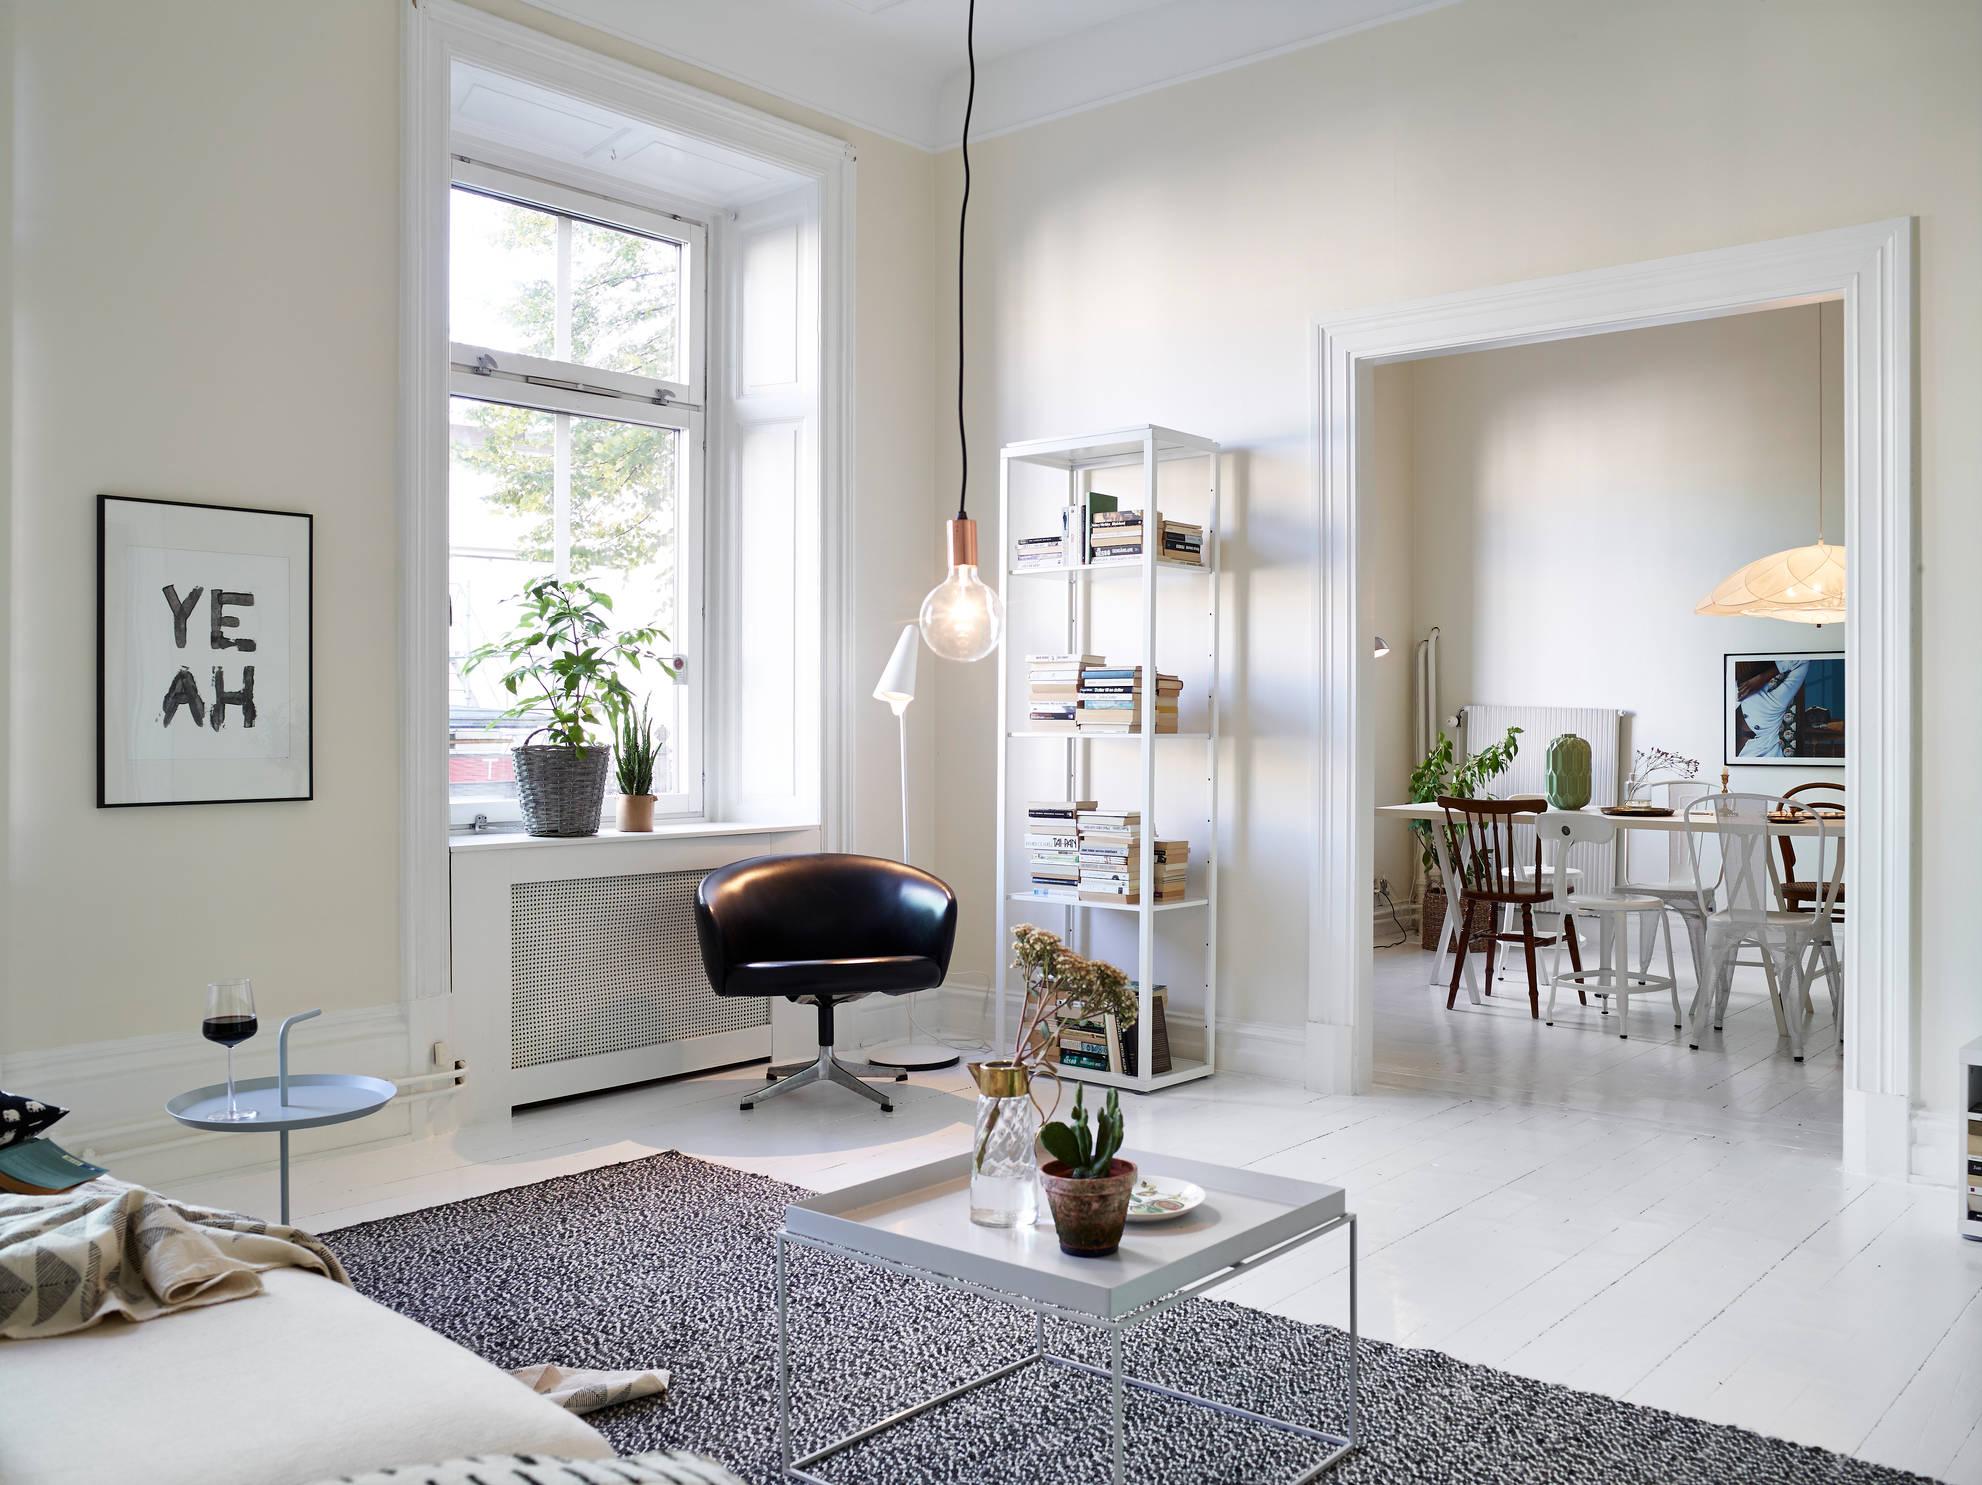 Tende Soggiorno Bianche : Tende soggiorno bianche tende per interni su misura e senza